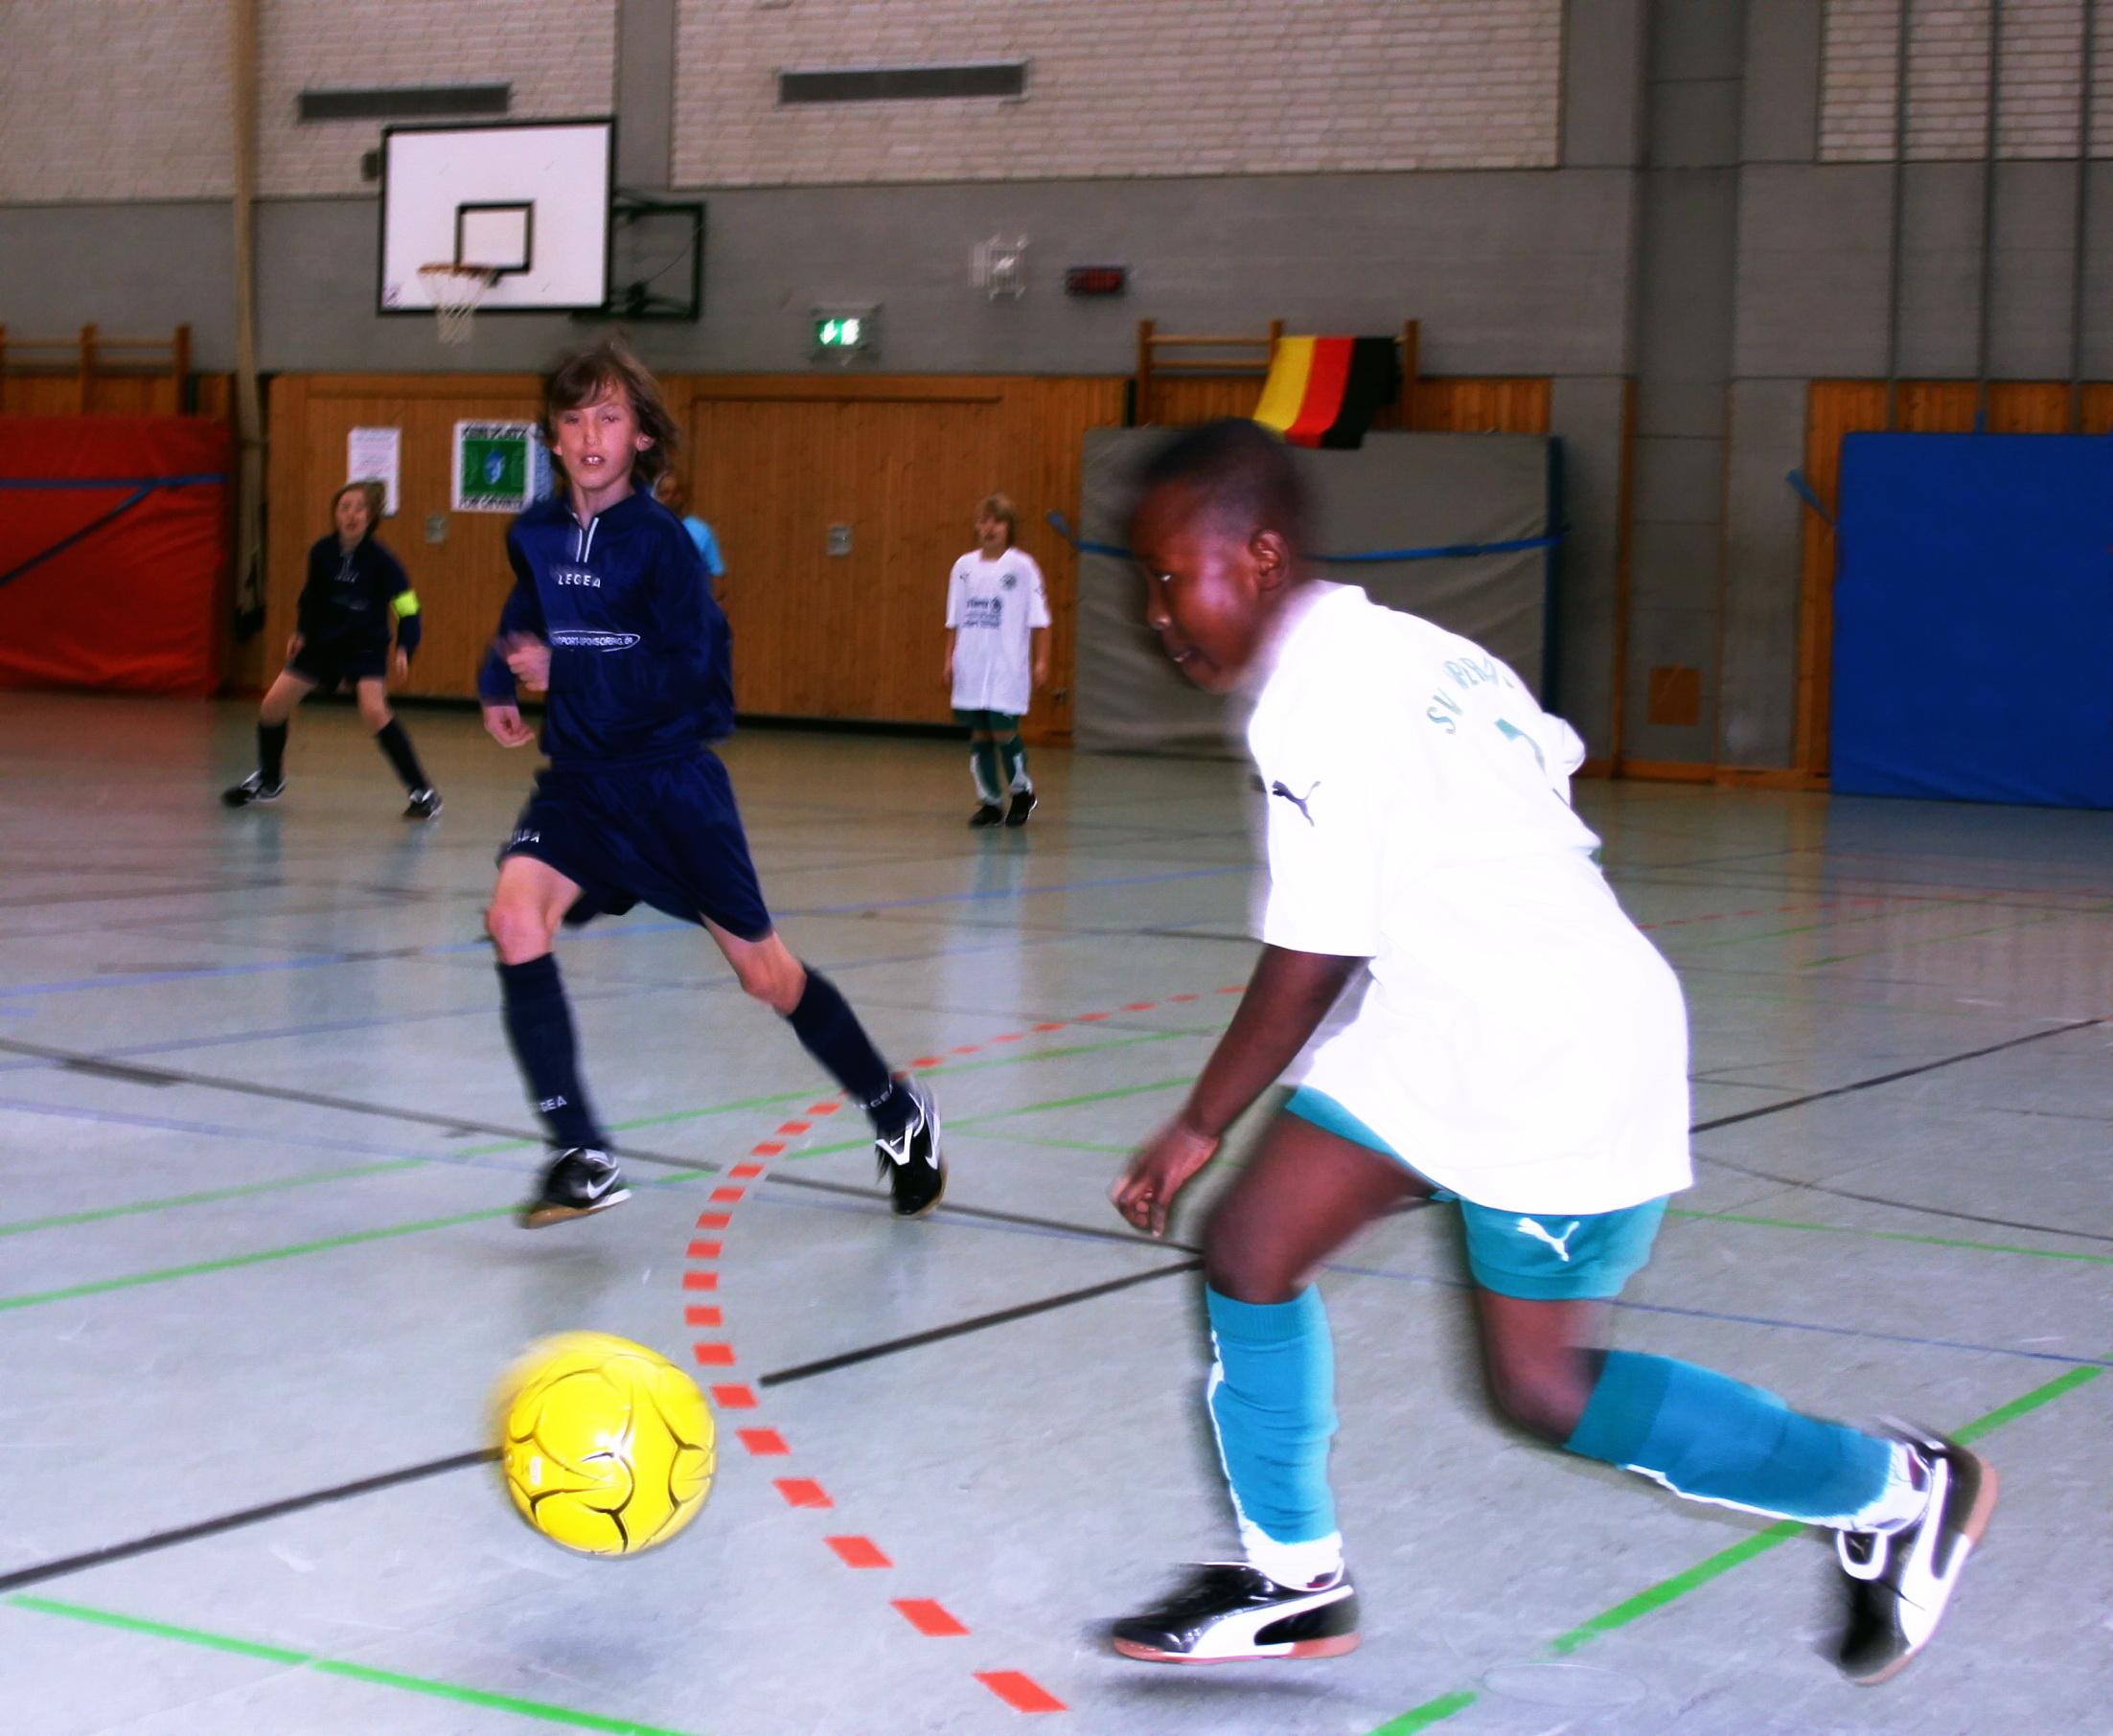 Hallenfussball Wikipedia